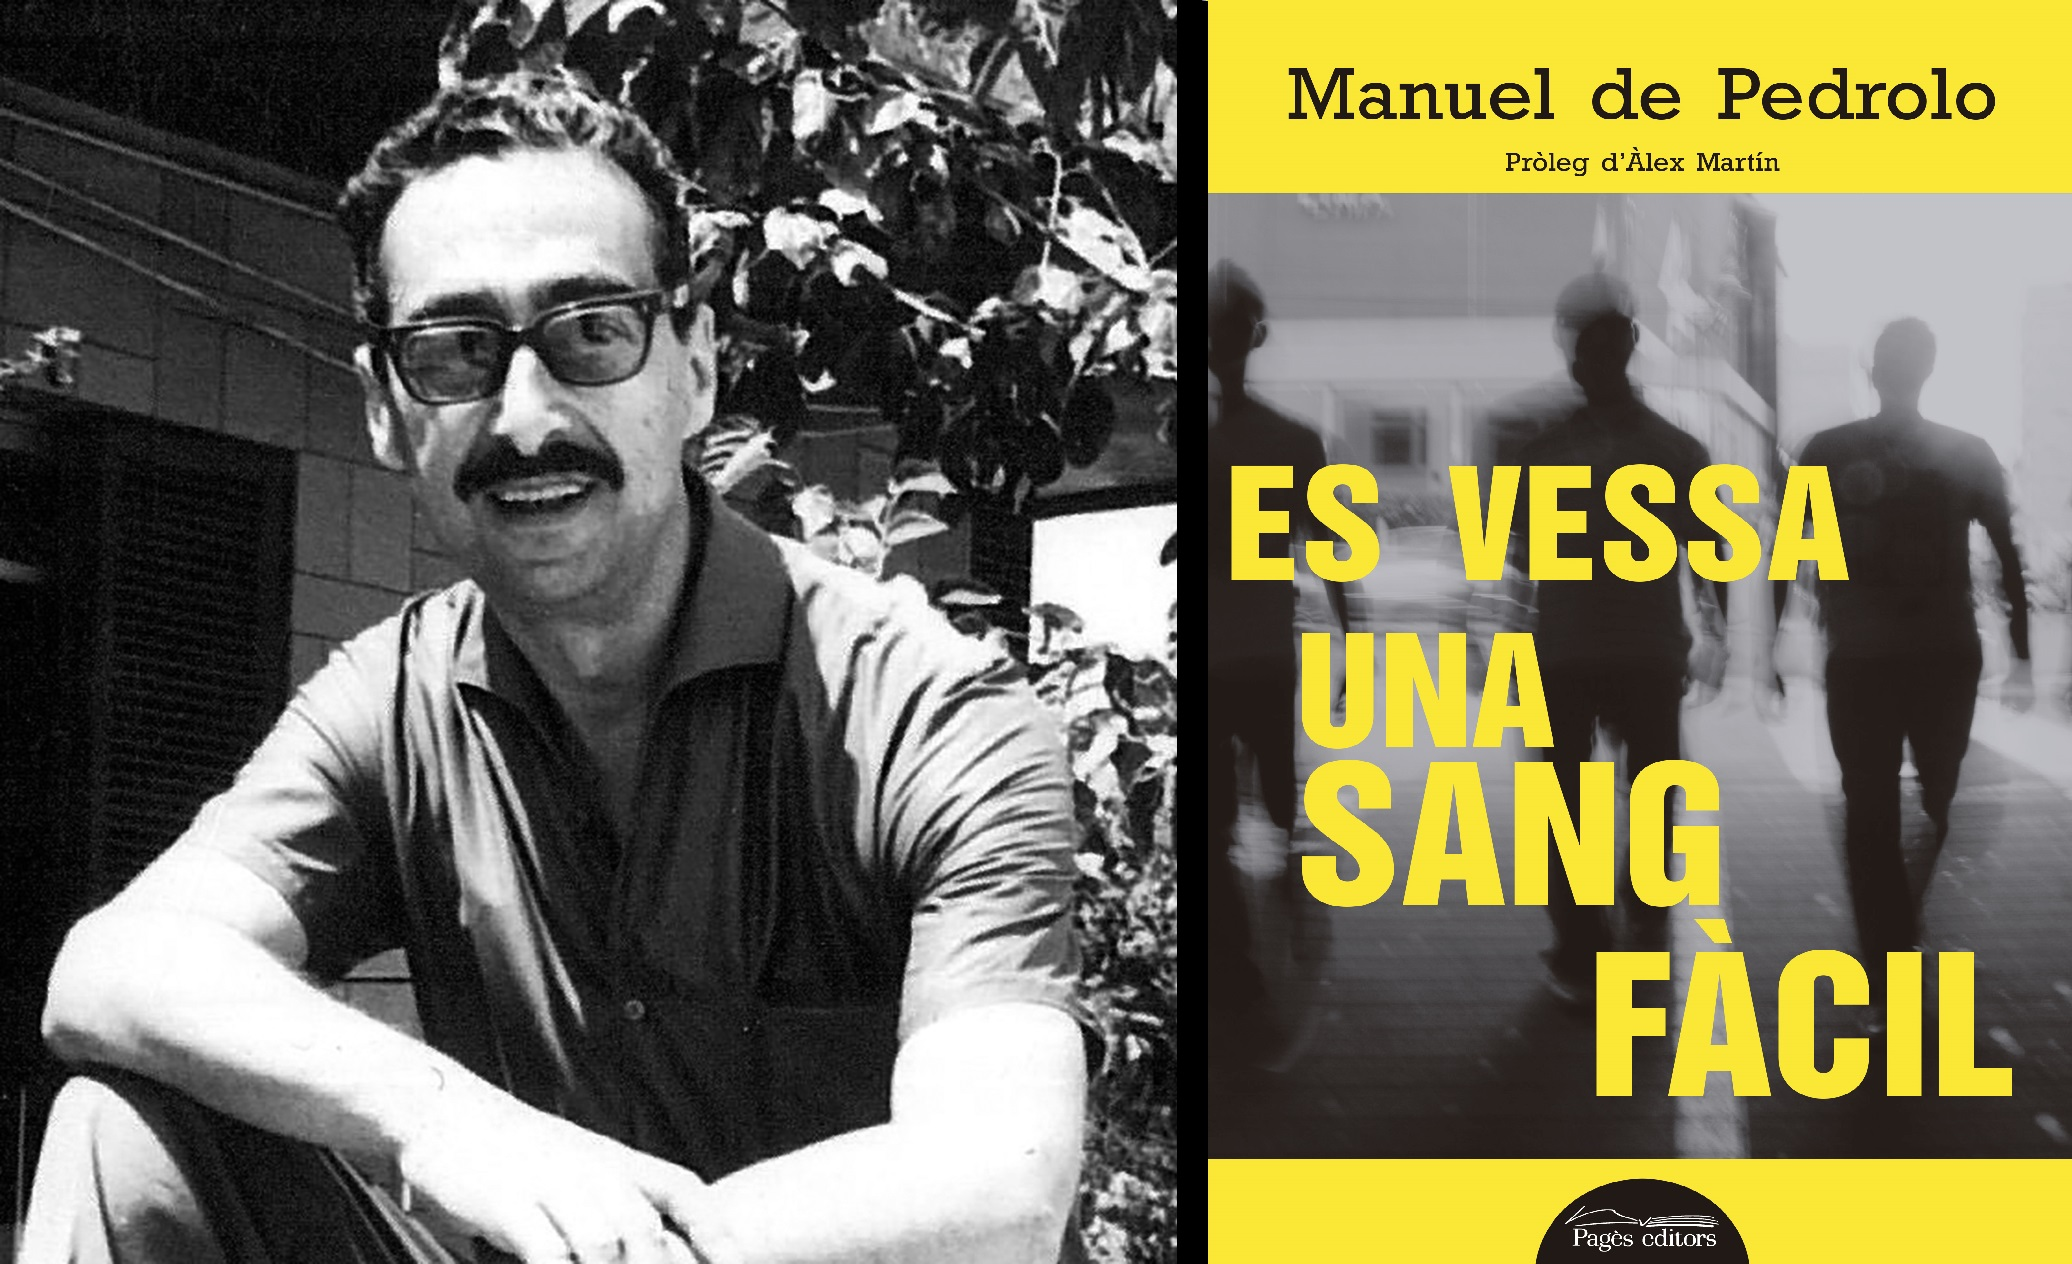 Pagès Editors se suma a la commemoració de l'Any Pedrolo amb tres llibres i un homenatge